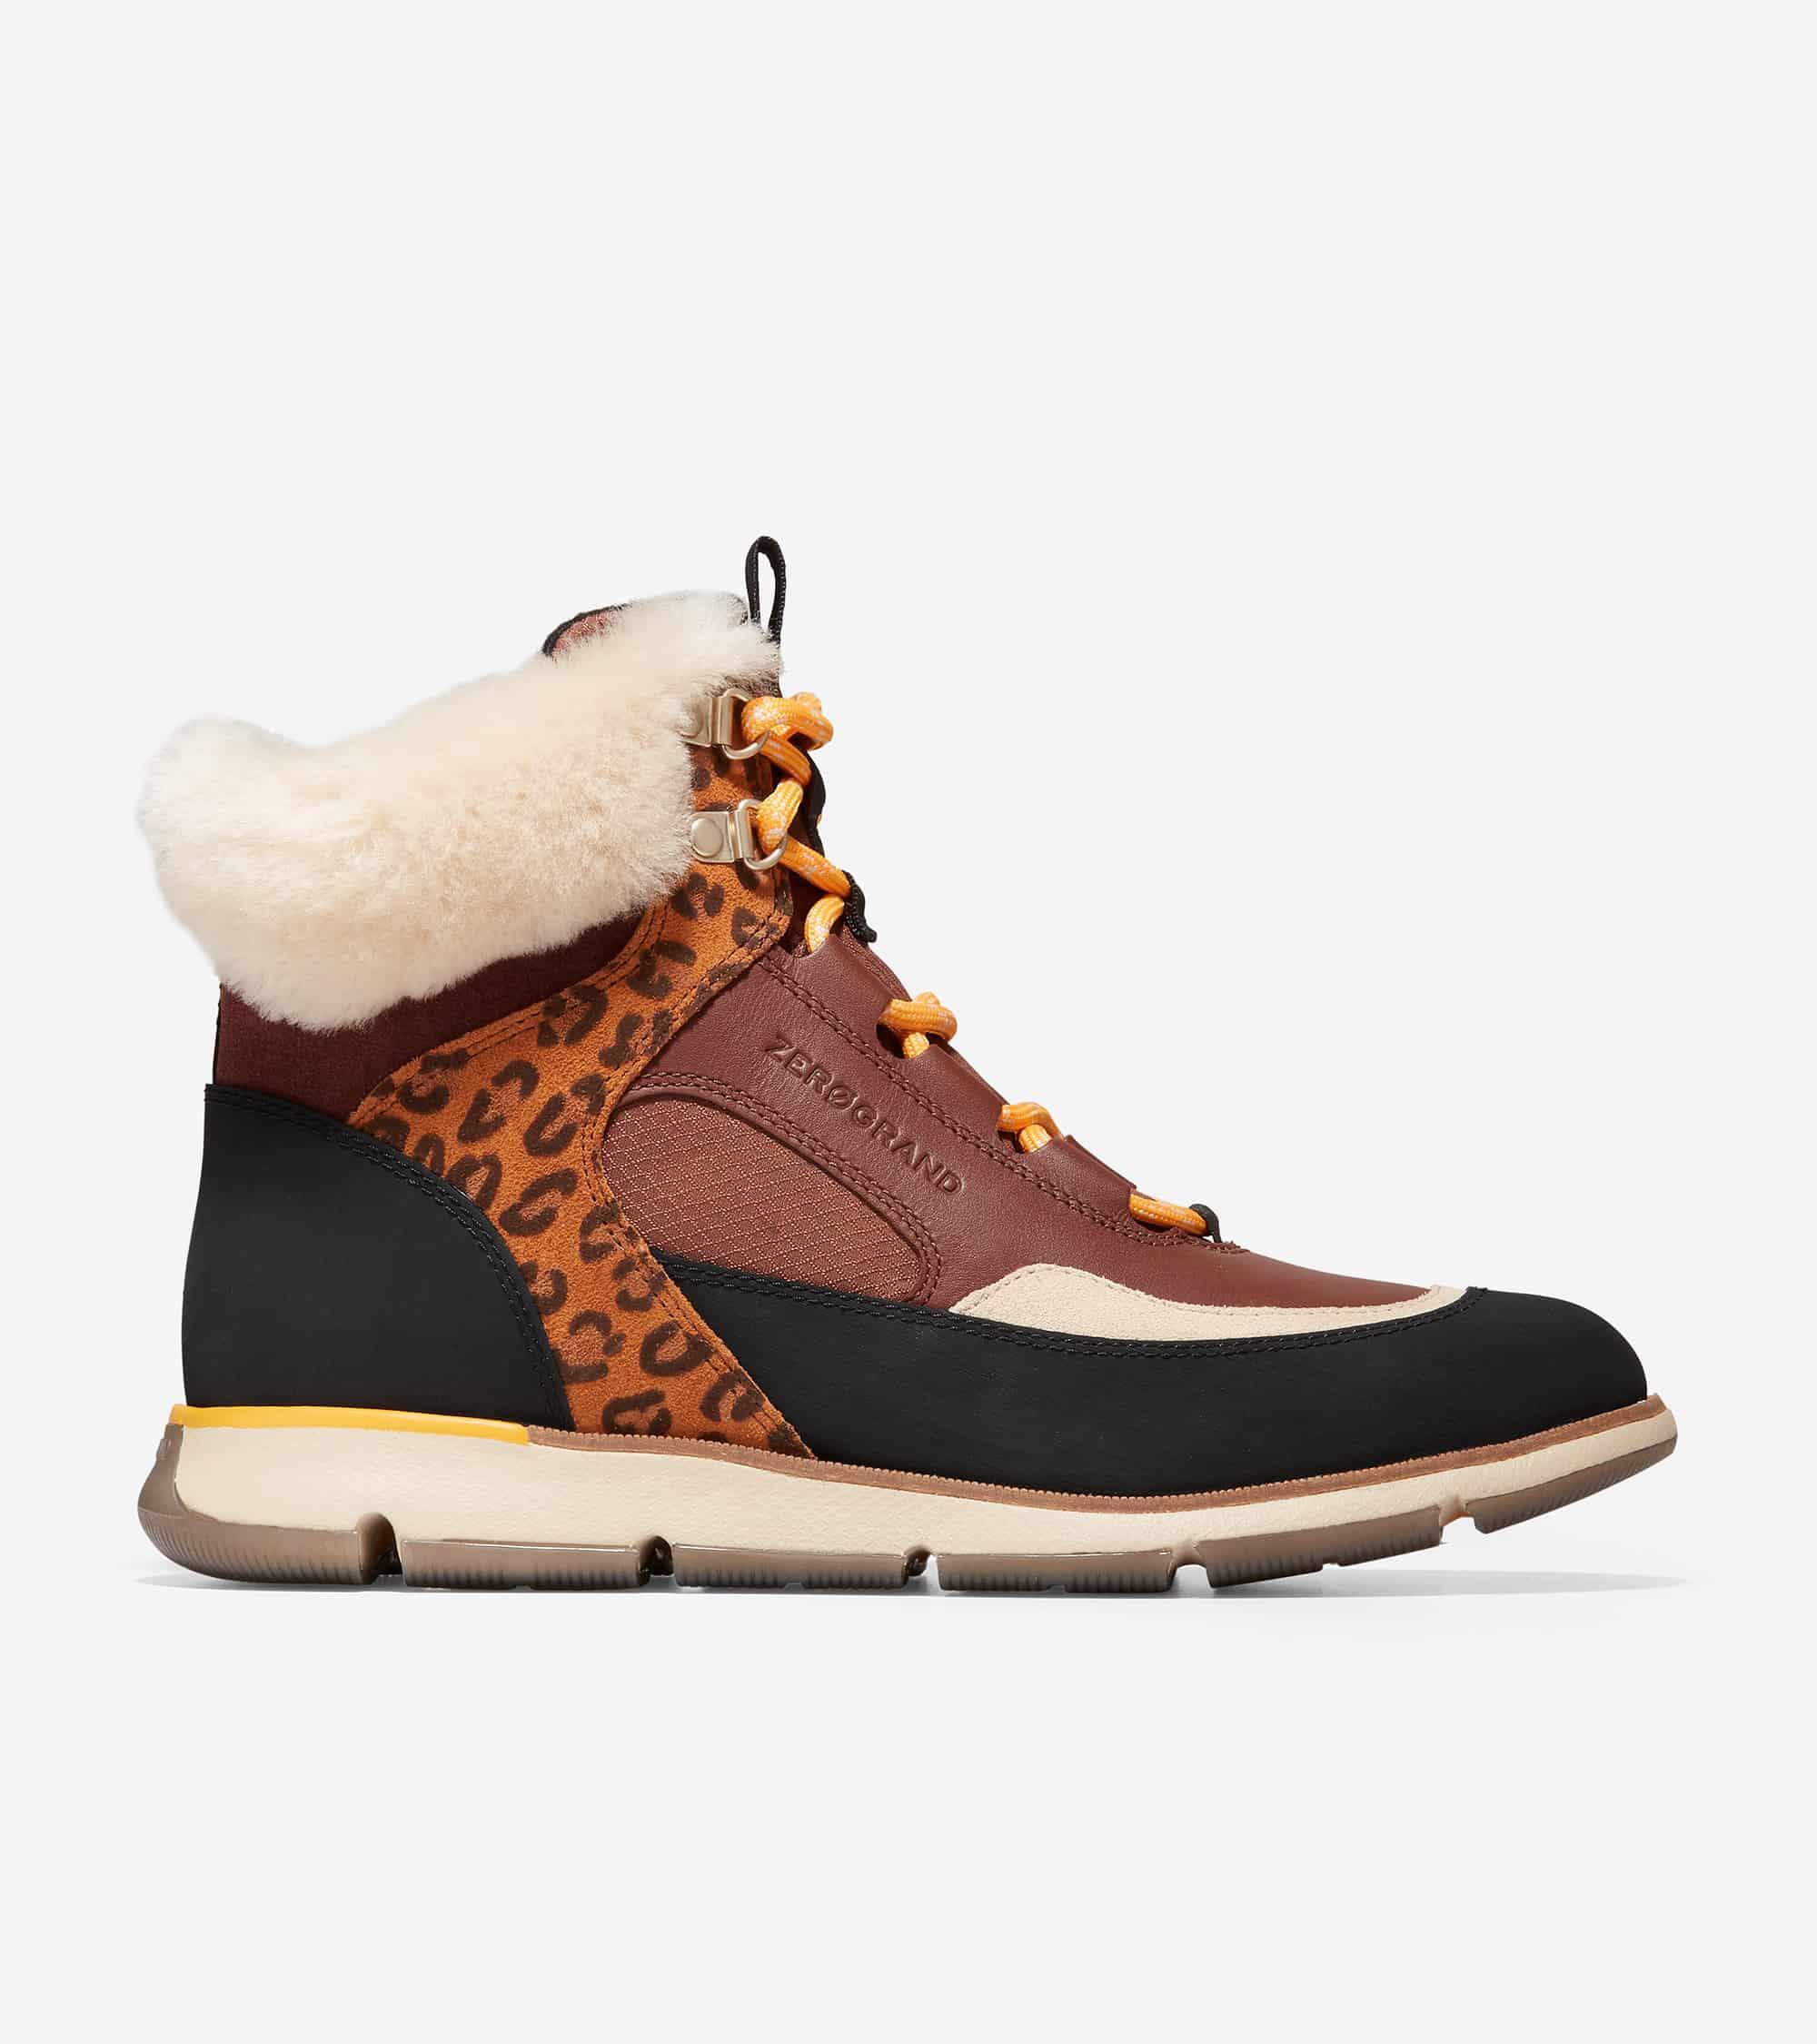 Cole Haan 4.ZERØGRAND Hiker Boot Woodbury-Leopard Print